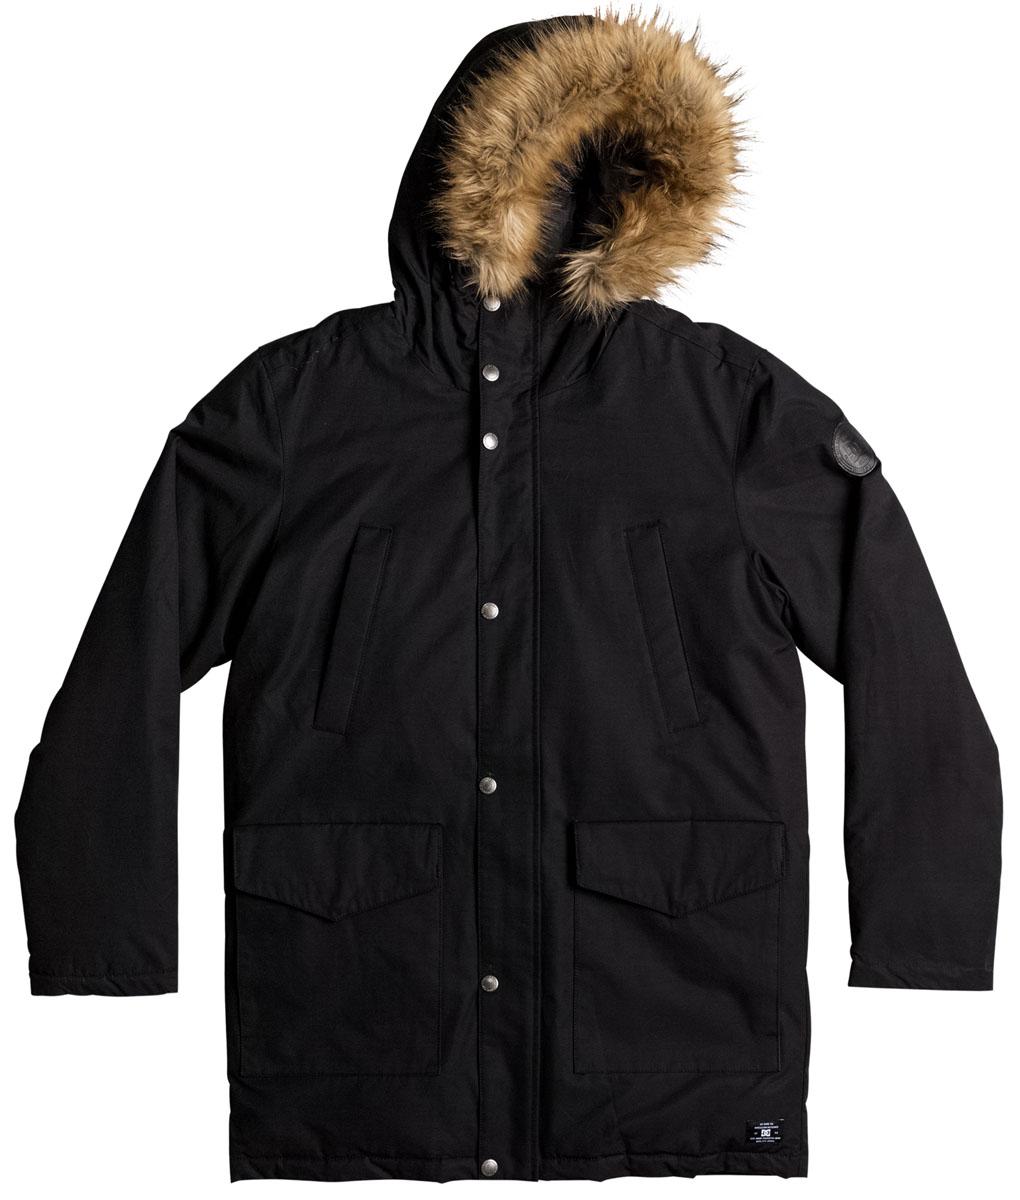 Куртка мужская DC Shoes, цвет: черный. EDYJK03125-KVJ0. Размер XL (52)EDYJK03125-KVJ0